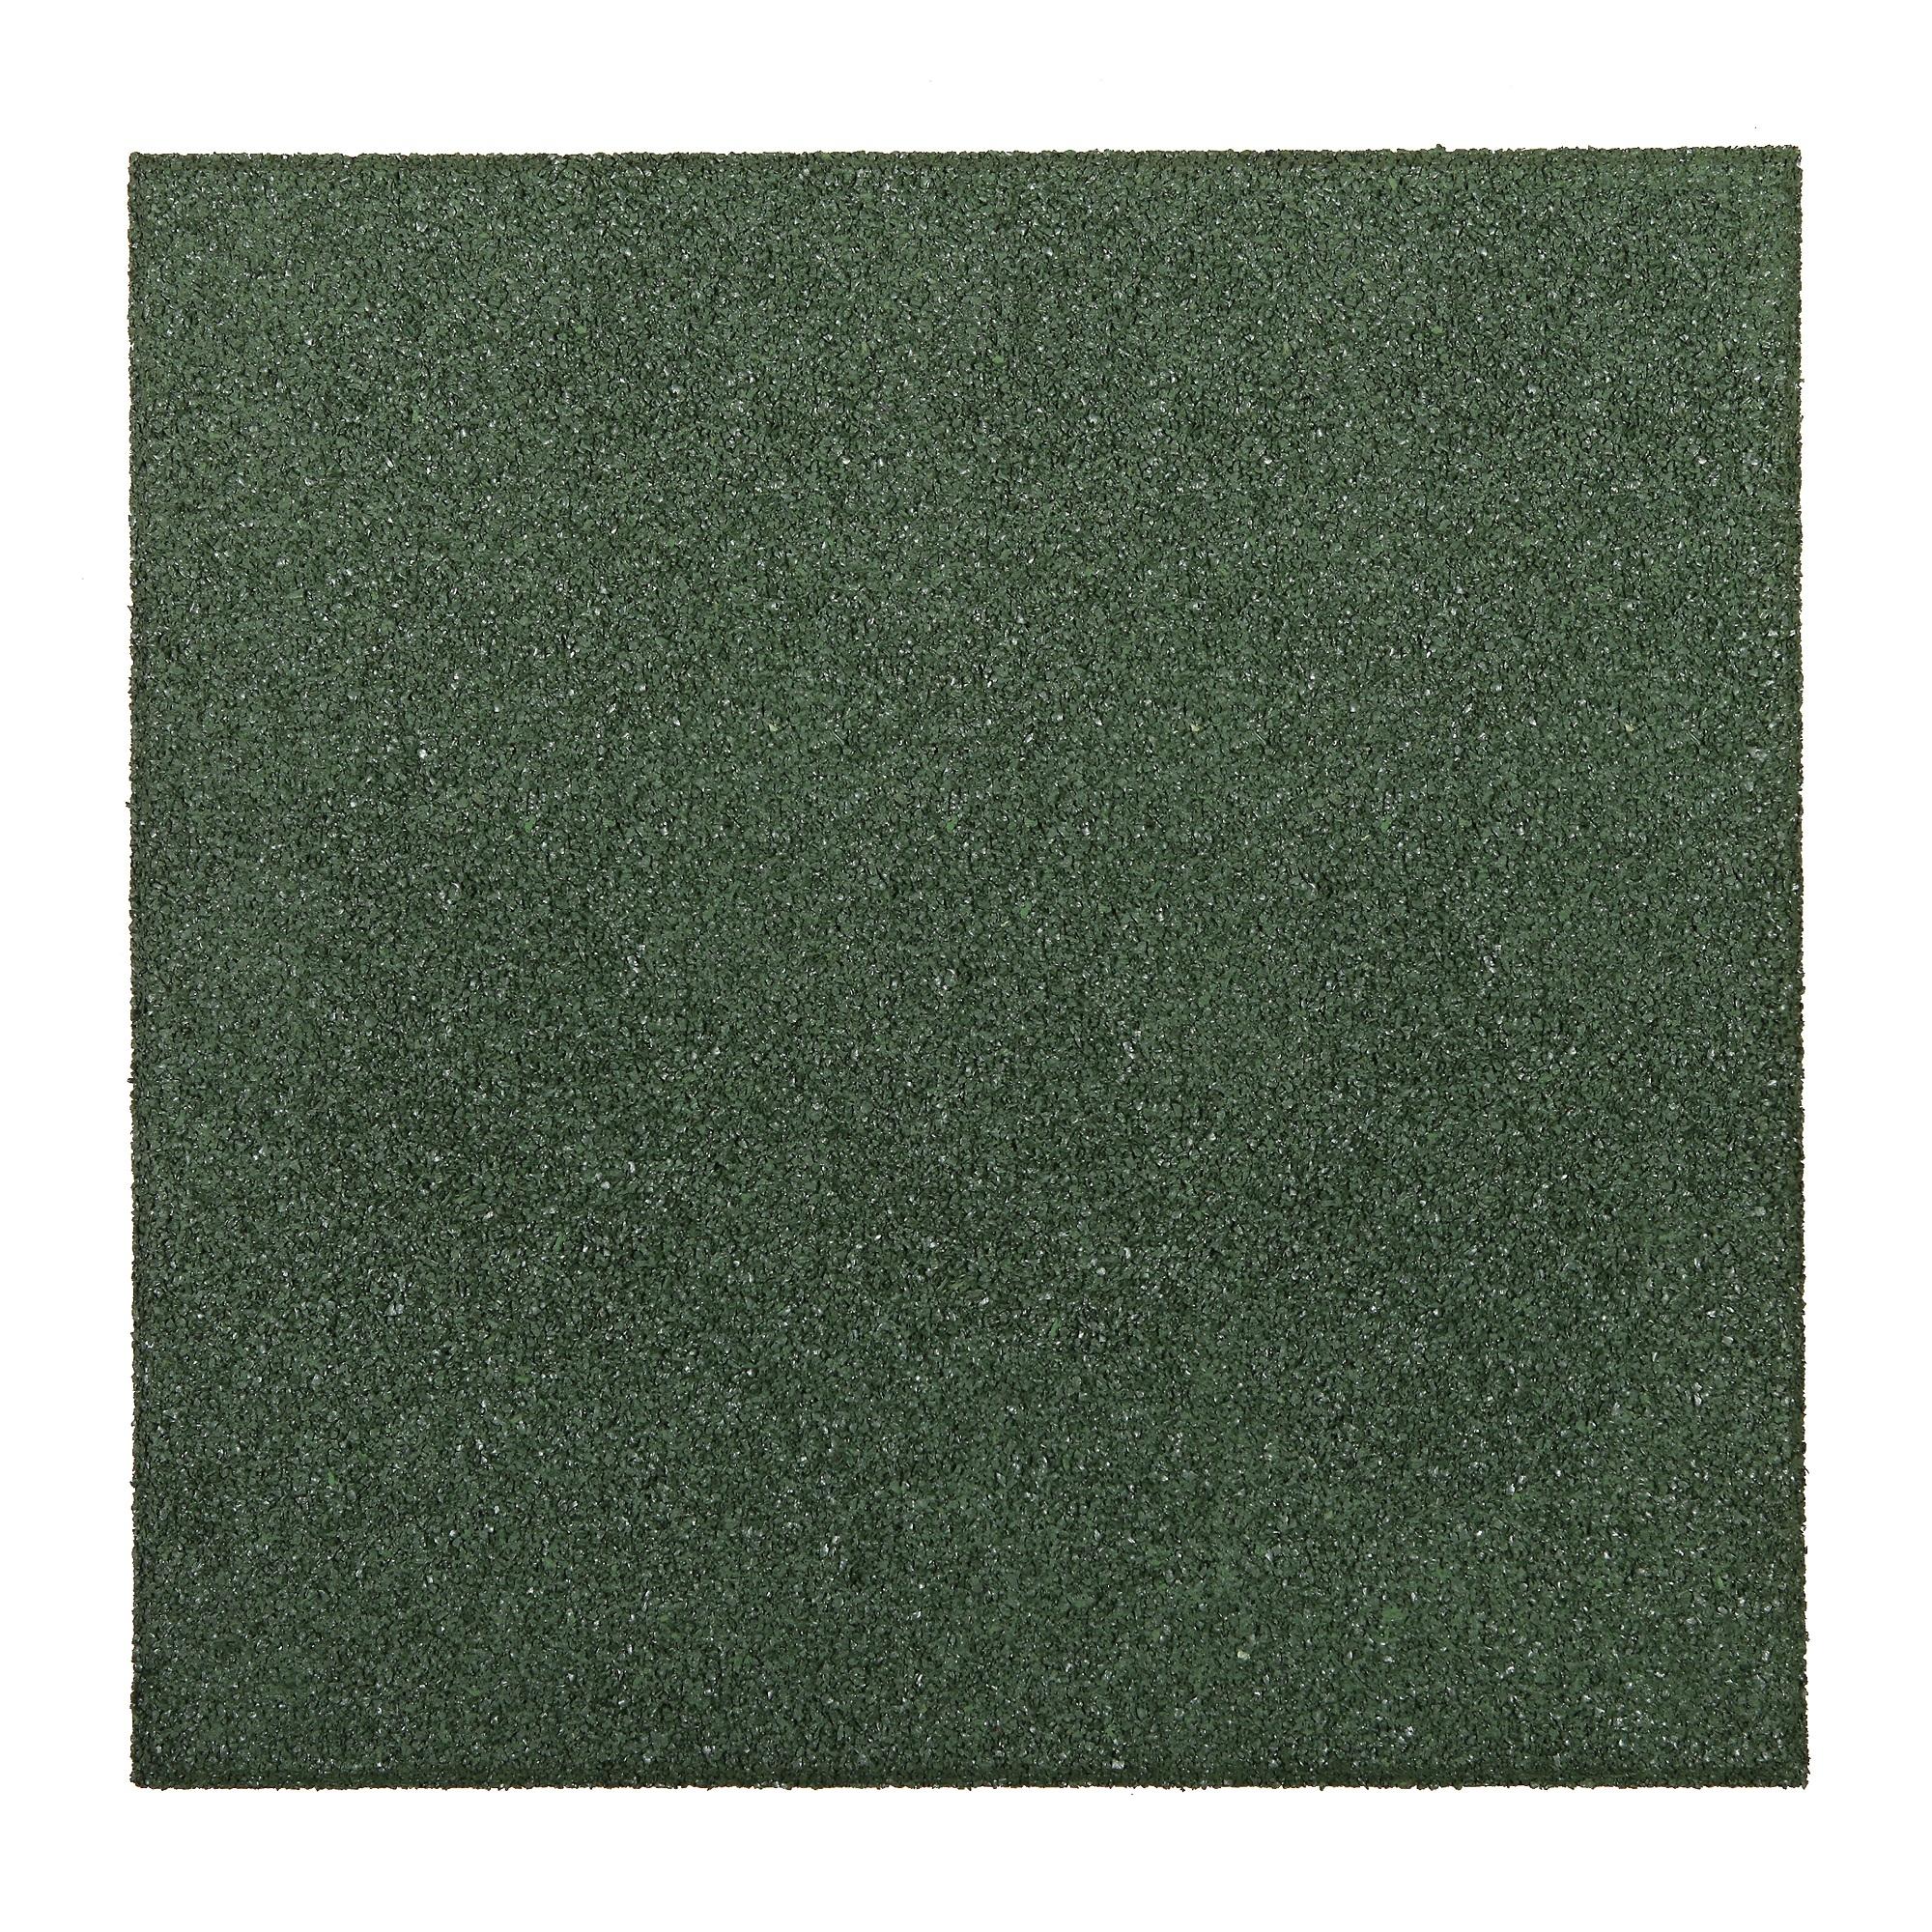 Dalle De Protection Piscine dalle en caoutchouc vert 50 x 50 x 2,5 cm - mr.bricolage